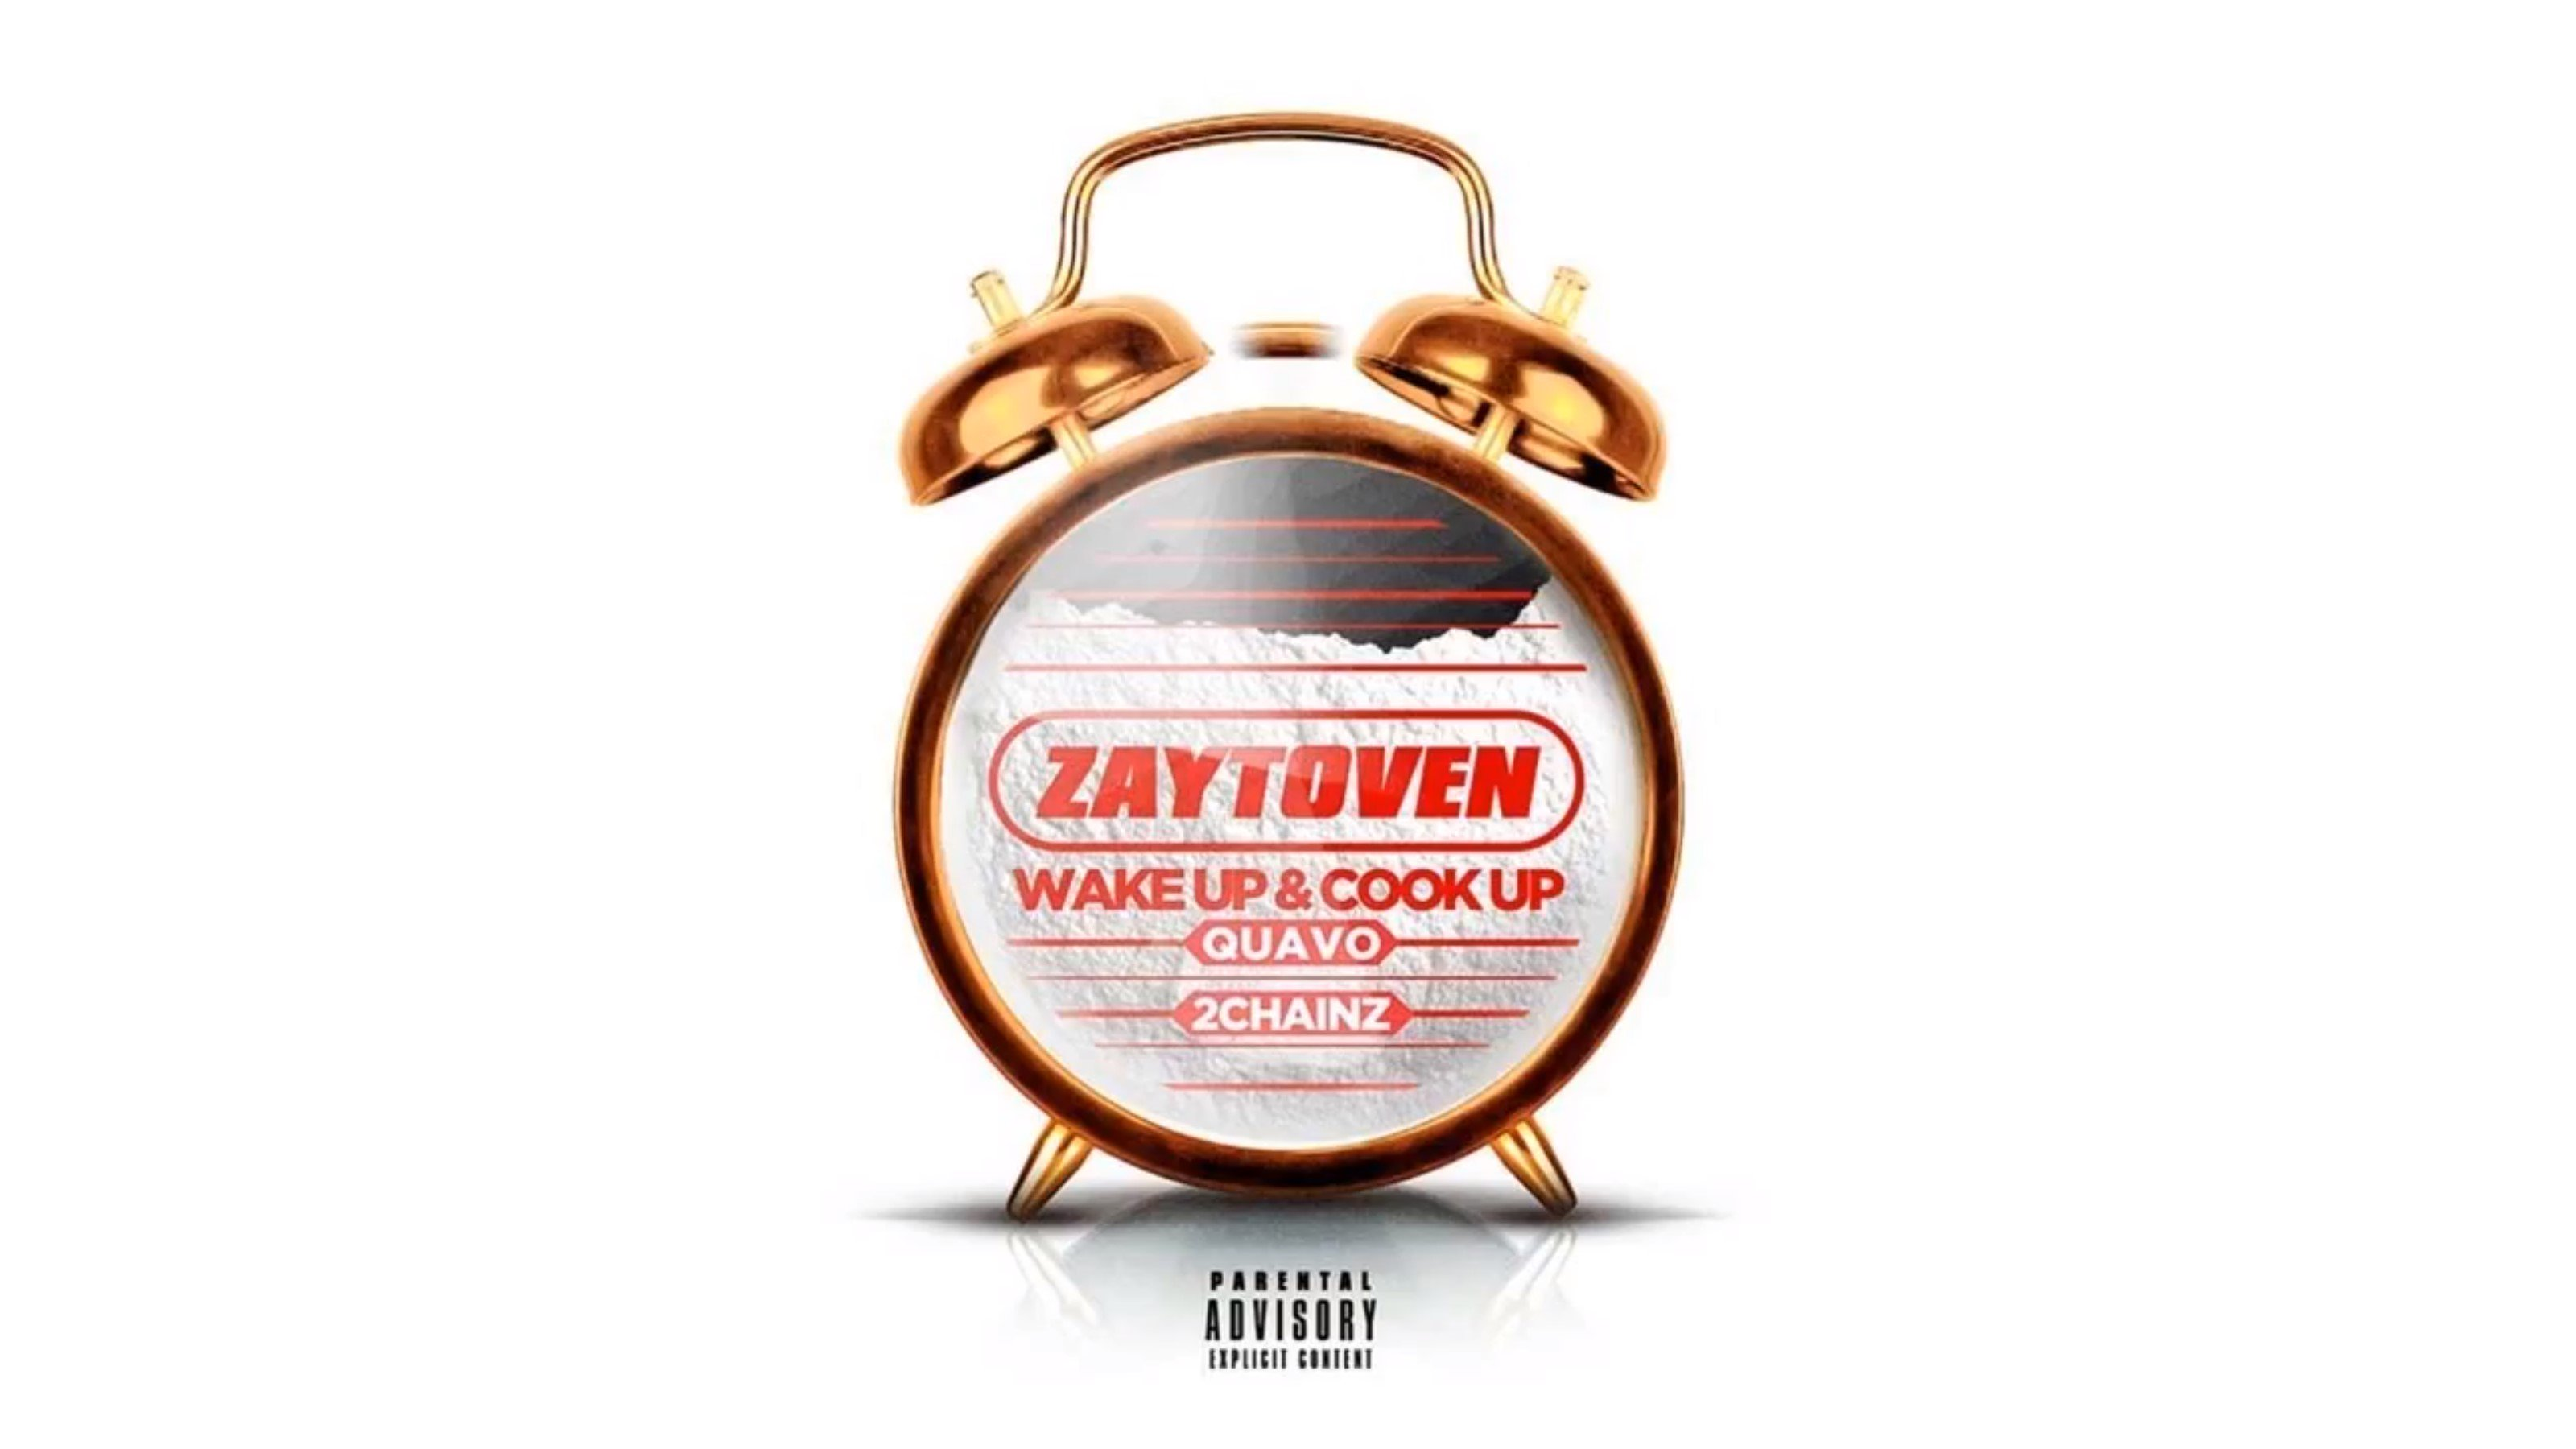 Zaytoven, Quavo & 2 Chainz – Wake Up & Cook Up